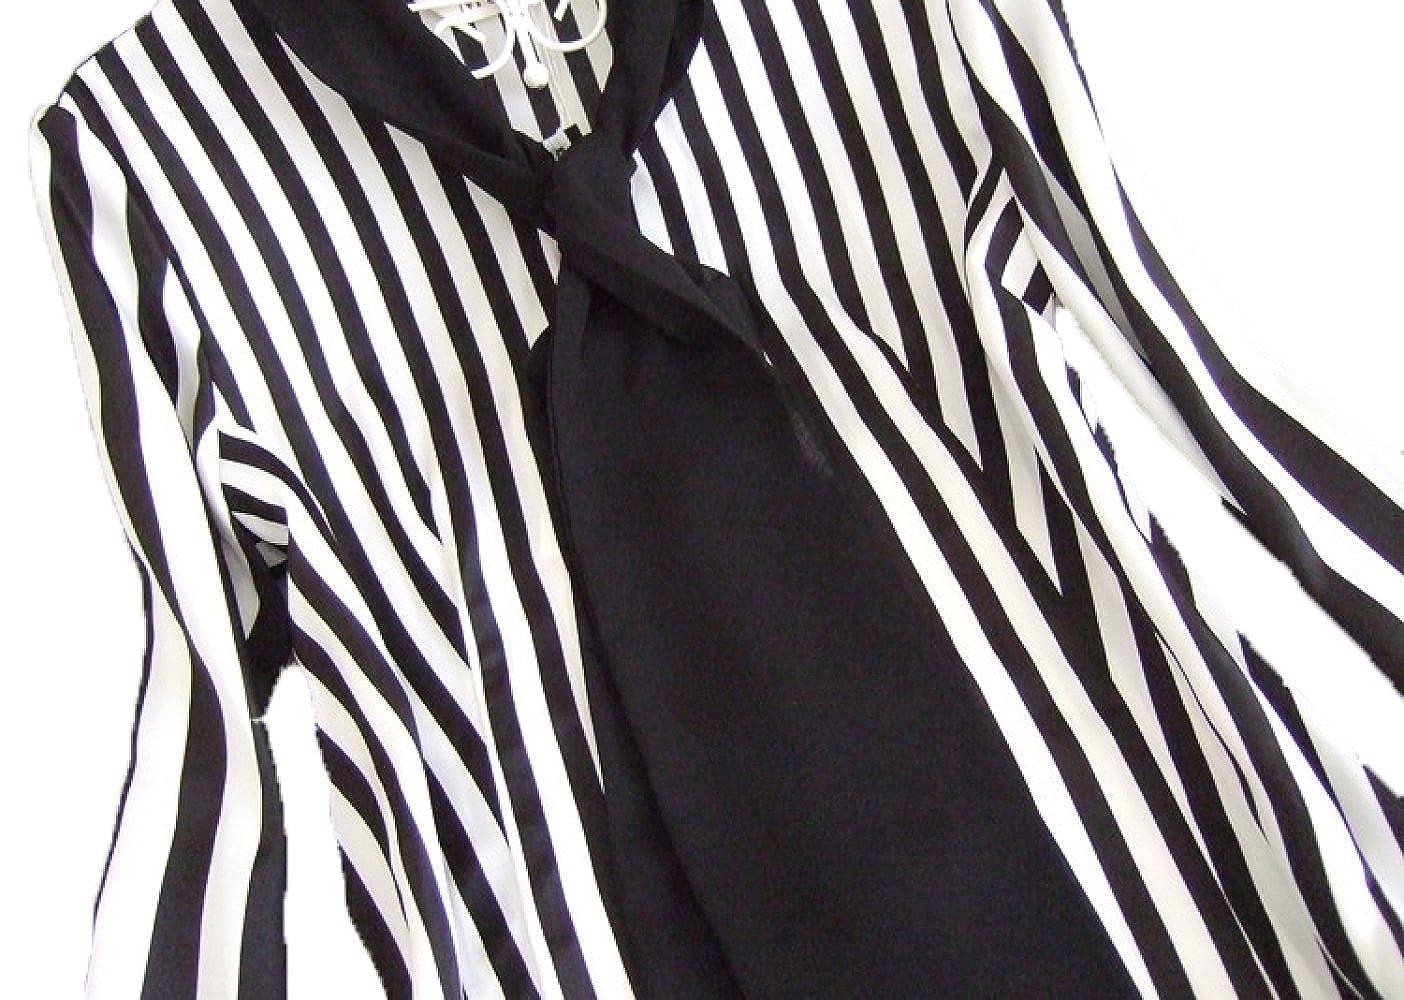 Nueva Moda Coreana Arco Camisa De Gasa Salvaje Delgada Delgada De Manga Larga Rayas Serpentinas Pieza De La Camisa De Las Mujeres: Amazon.es: Ropa y ...